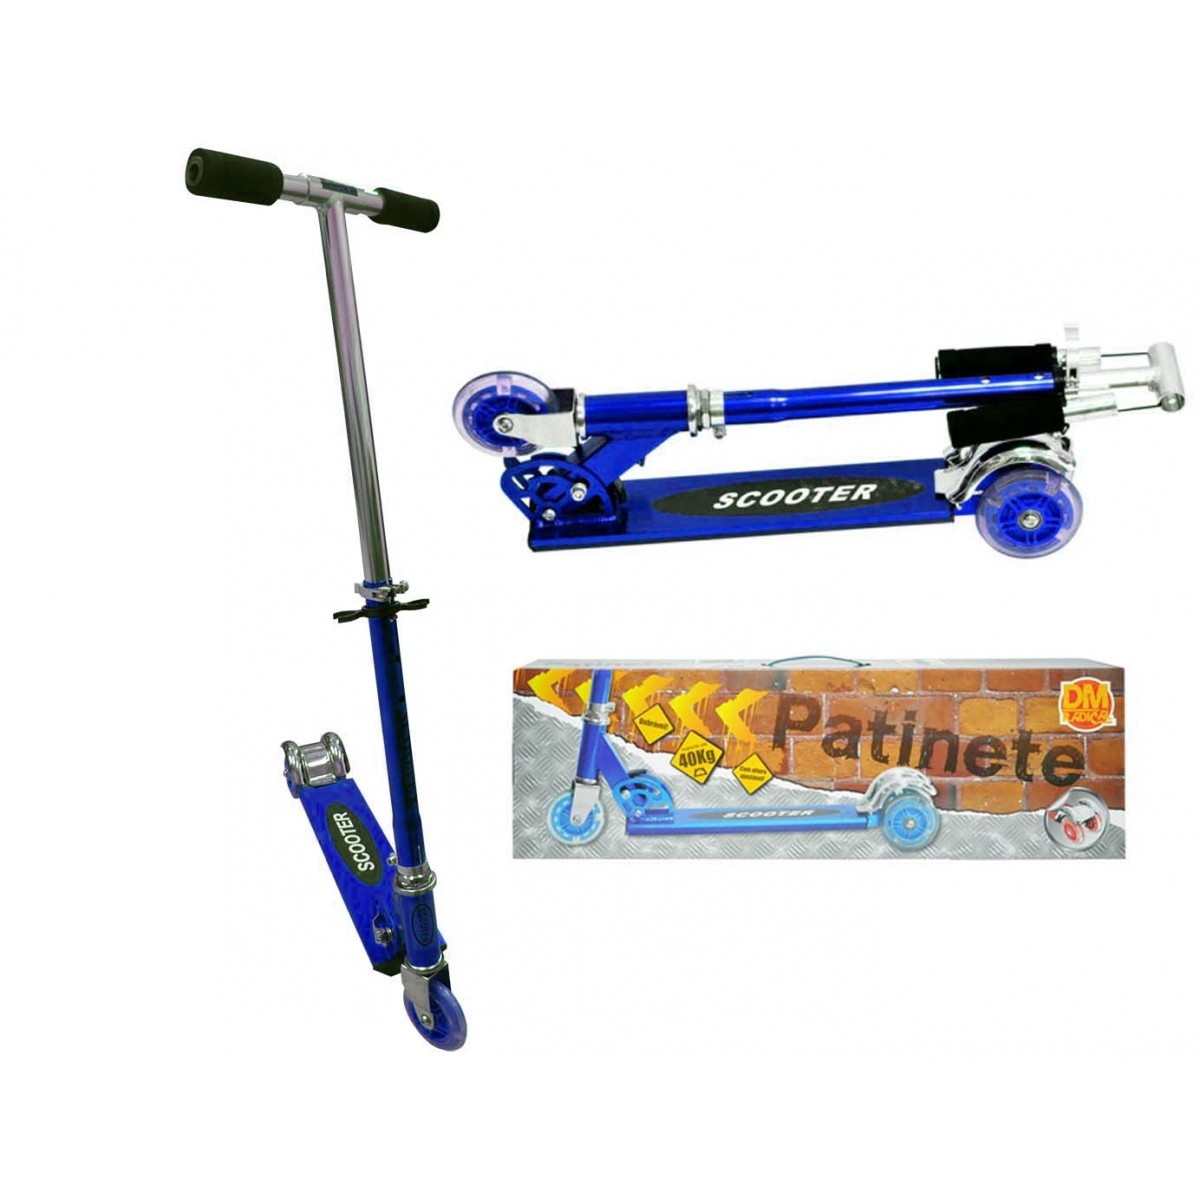 Patinete 3 Rodas Infantil Aluminio Scooter Metalizado Dobravel Altura Ajusta Freio Traseiro Azul (DMR4455)